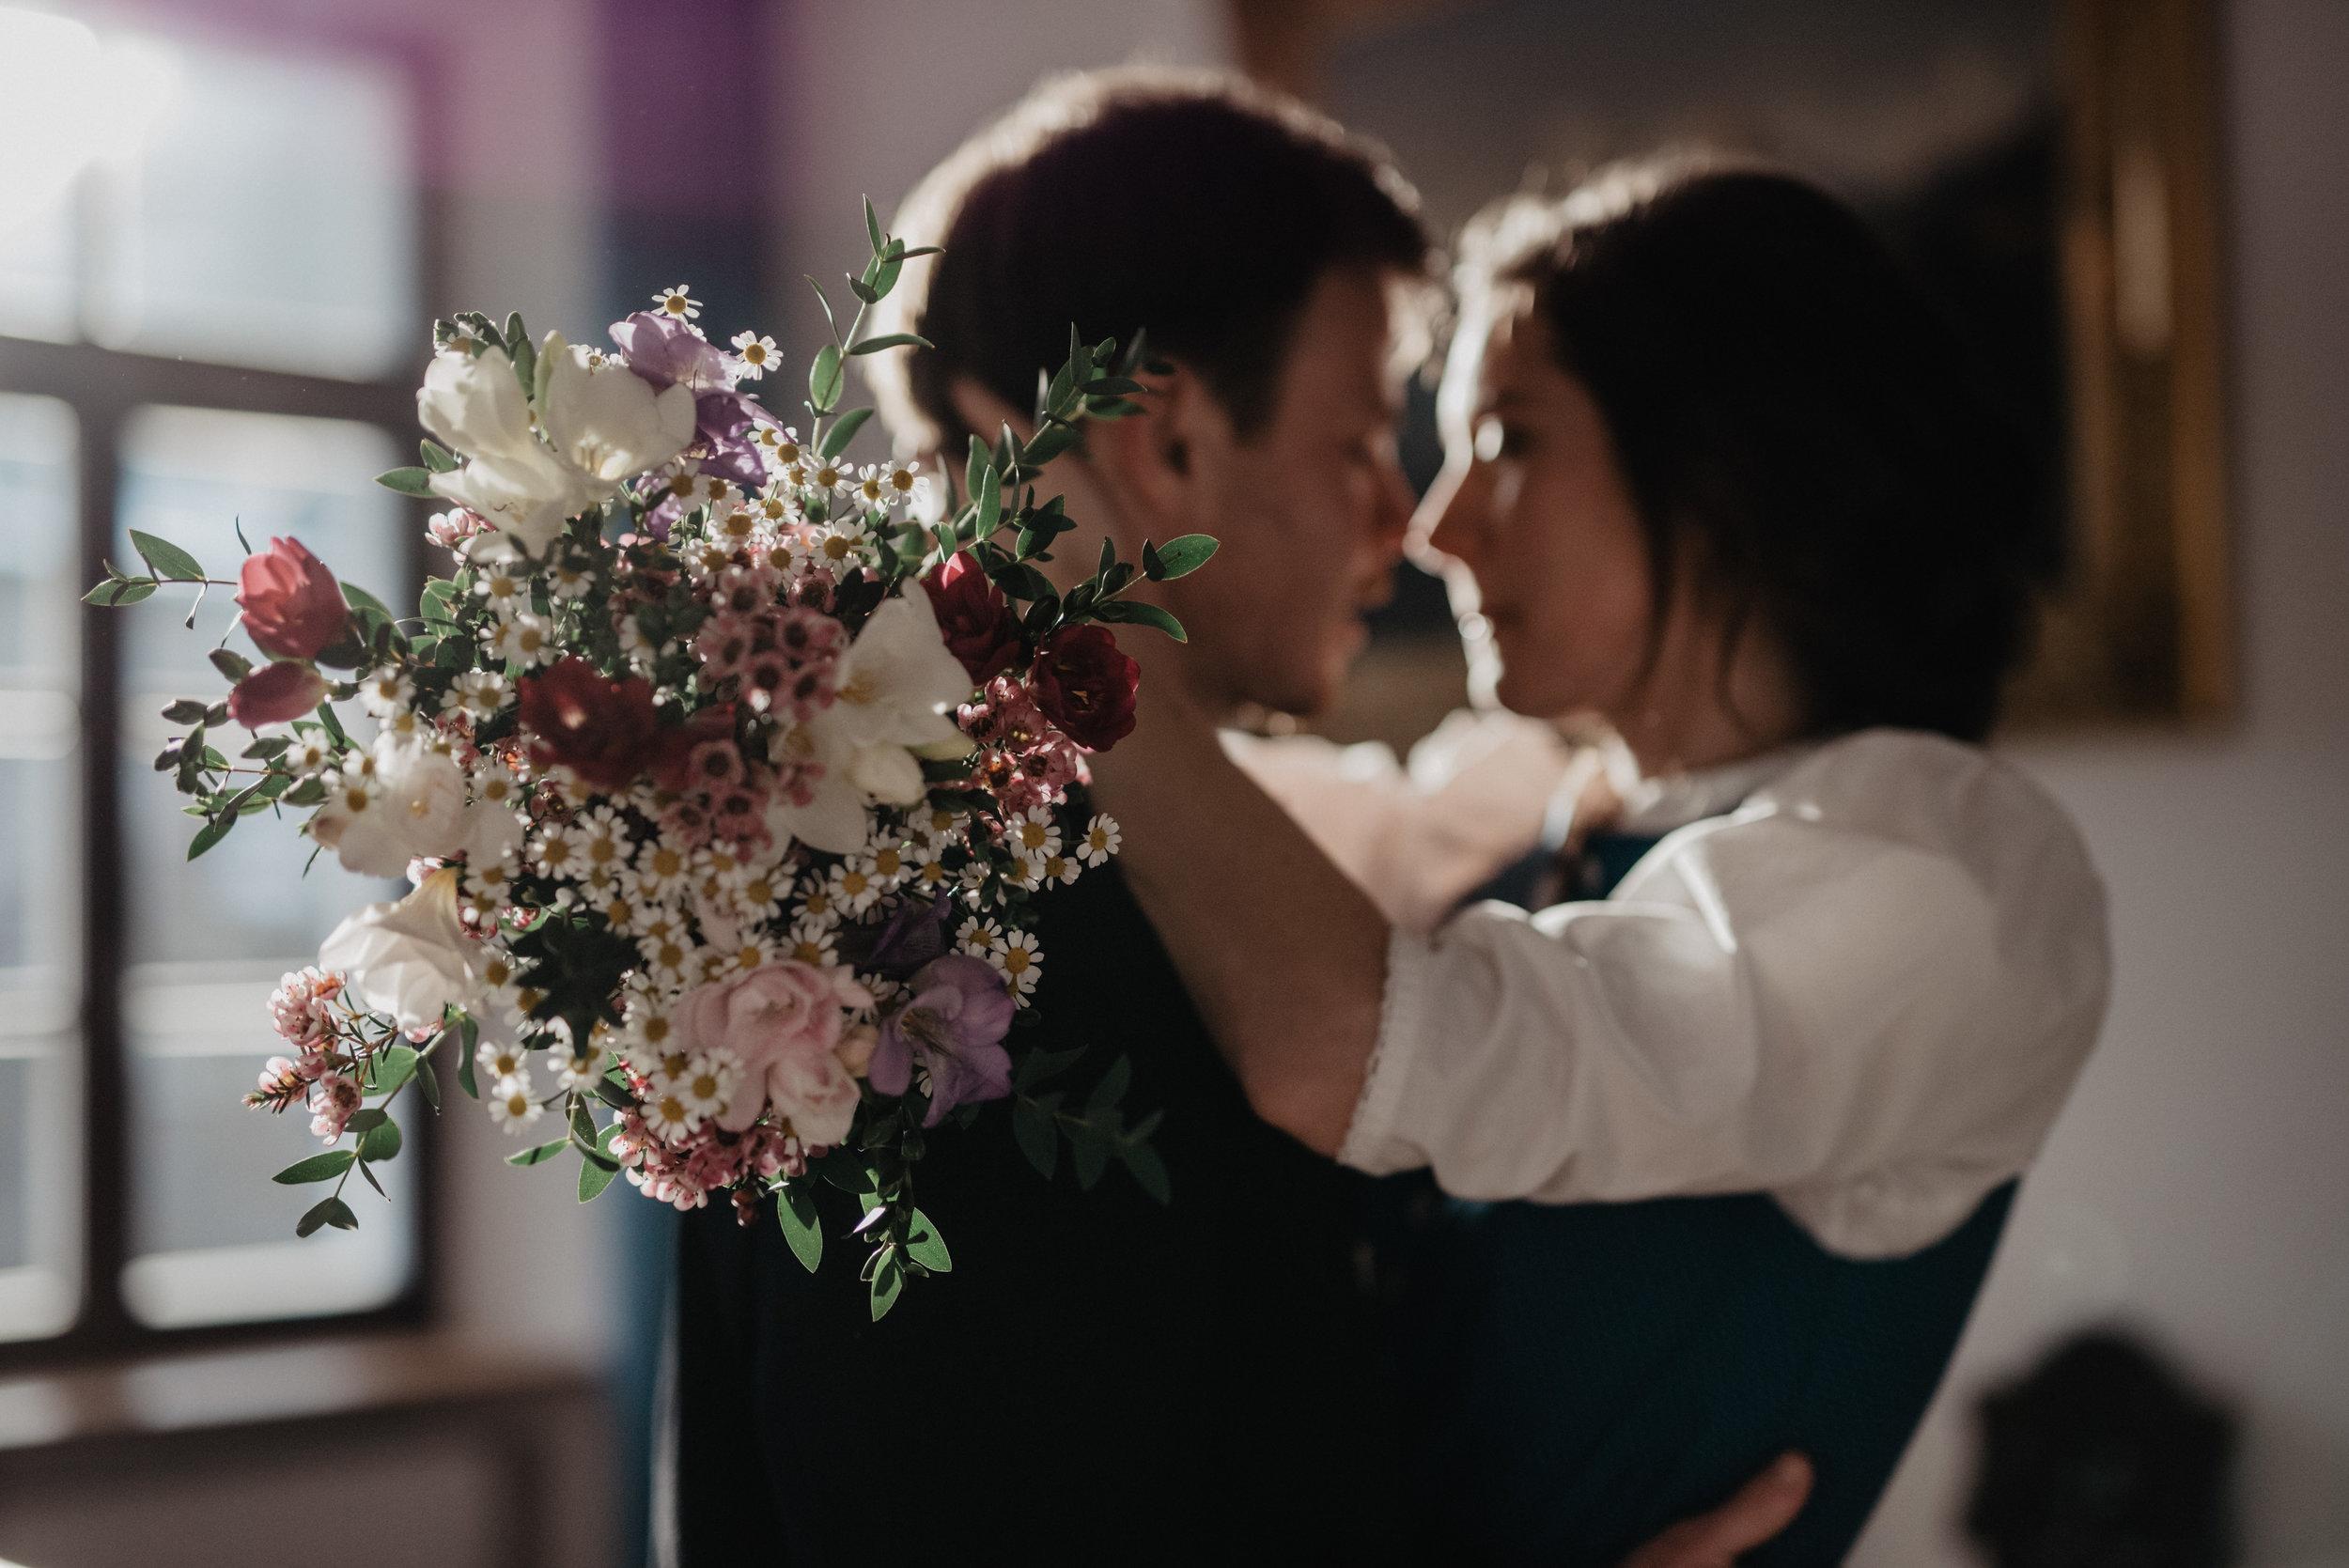 Hochzeit-Berchtesgaden-Hintersee-MissFrecklesPhotography-18.jpg